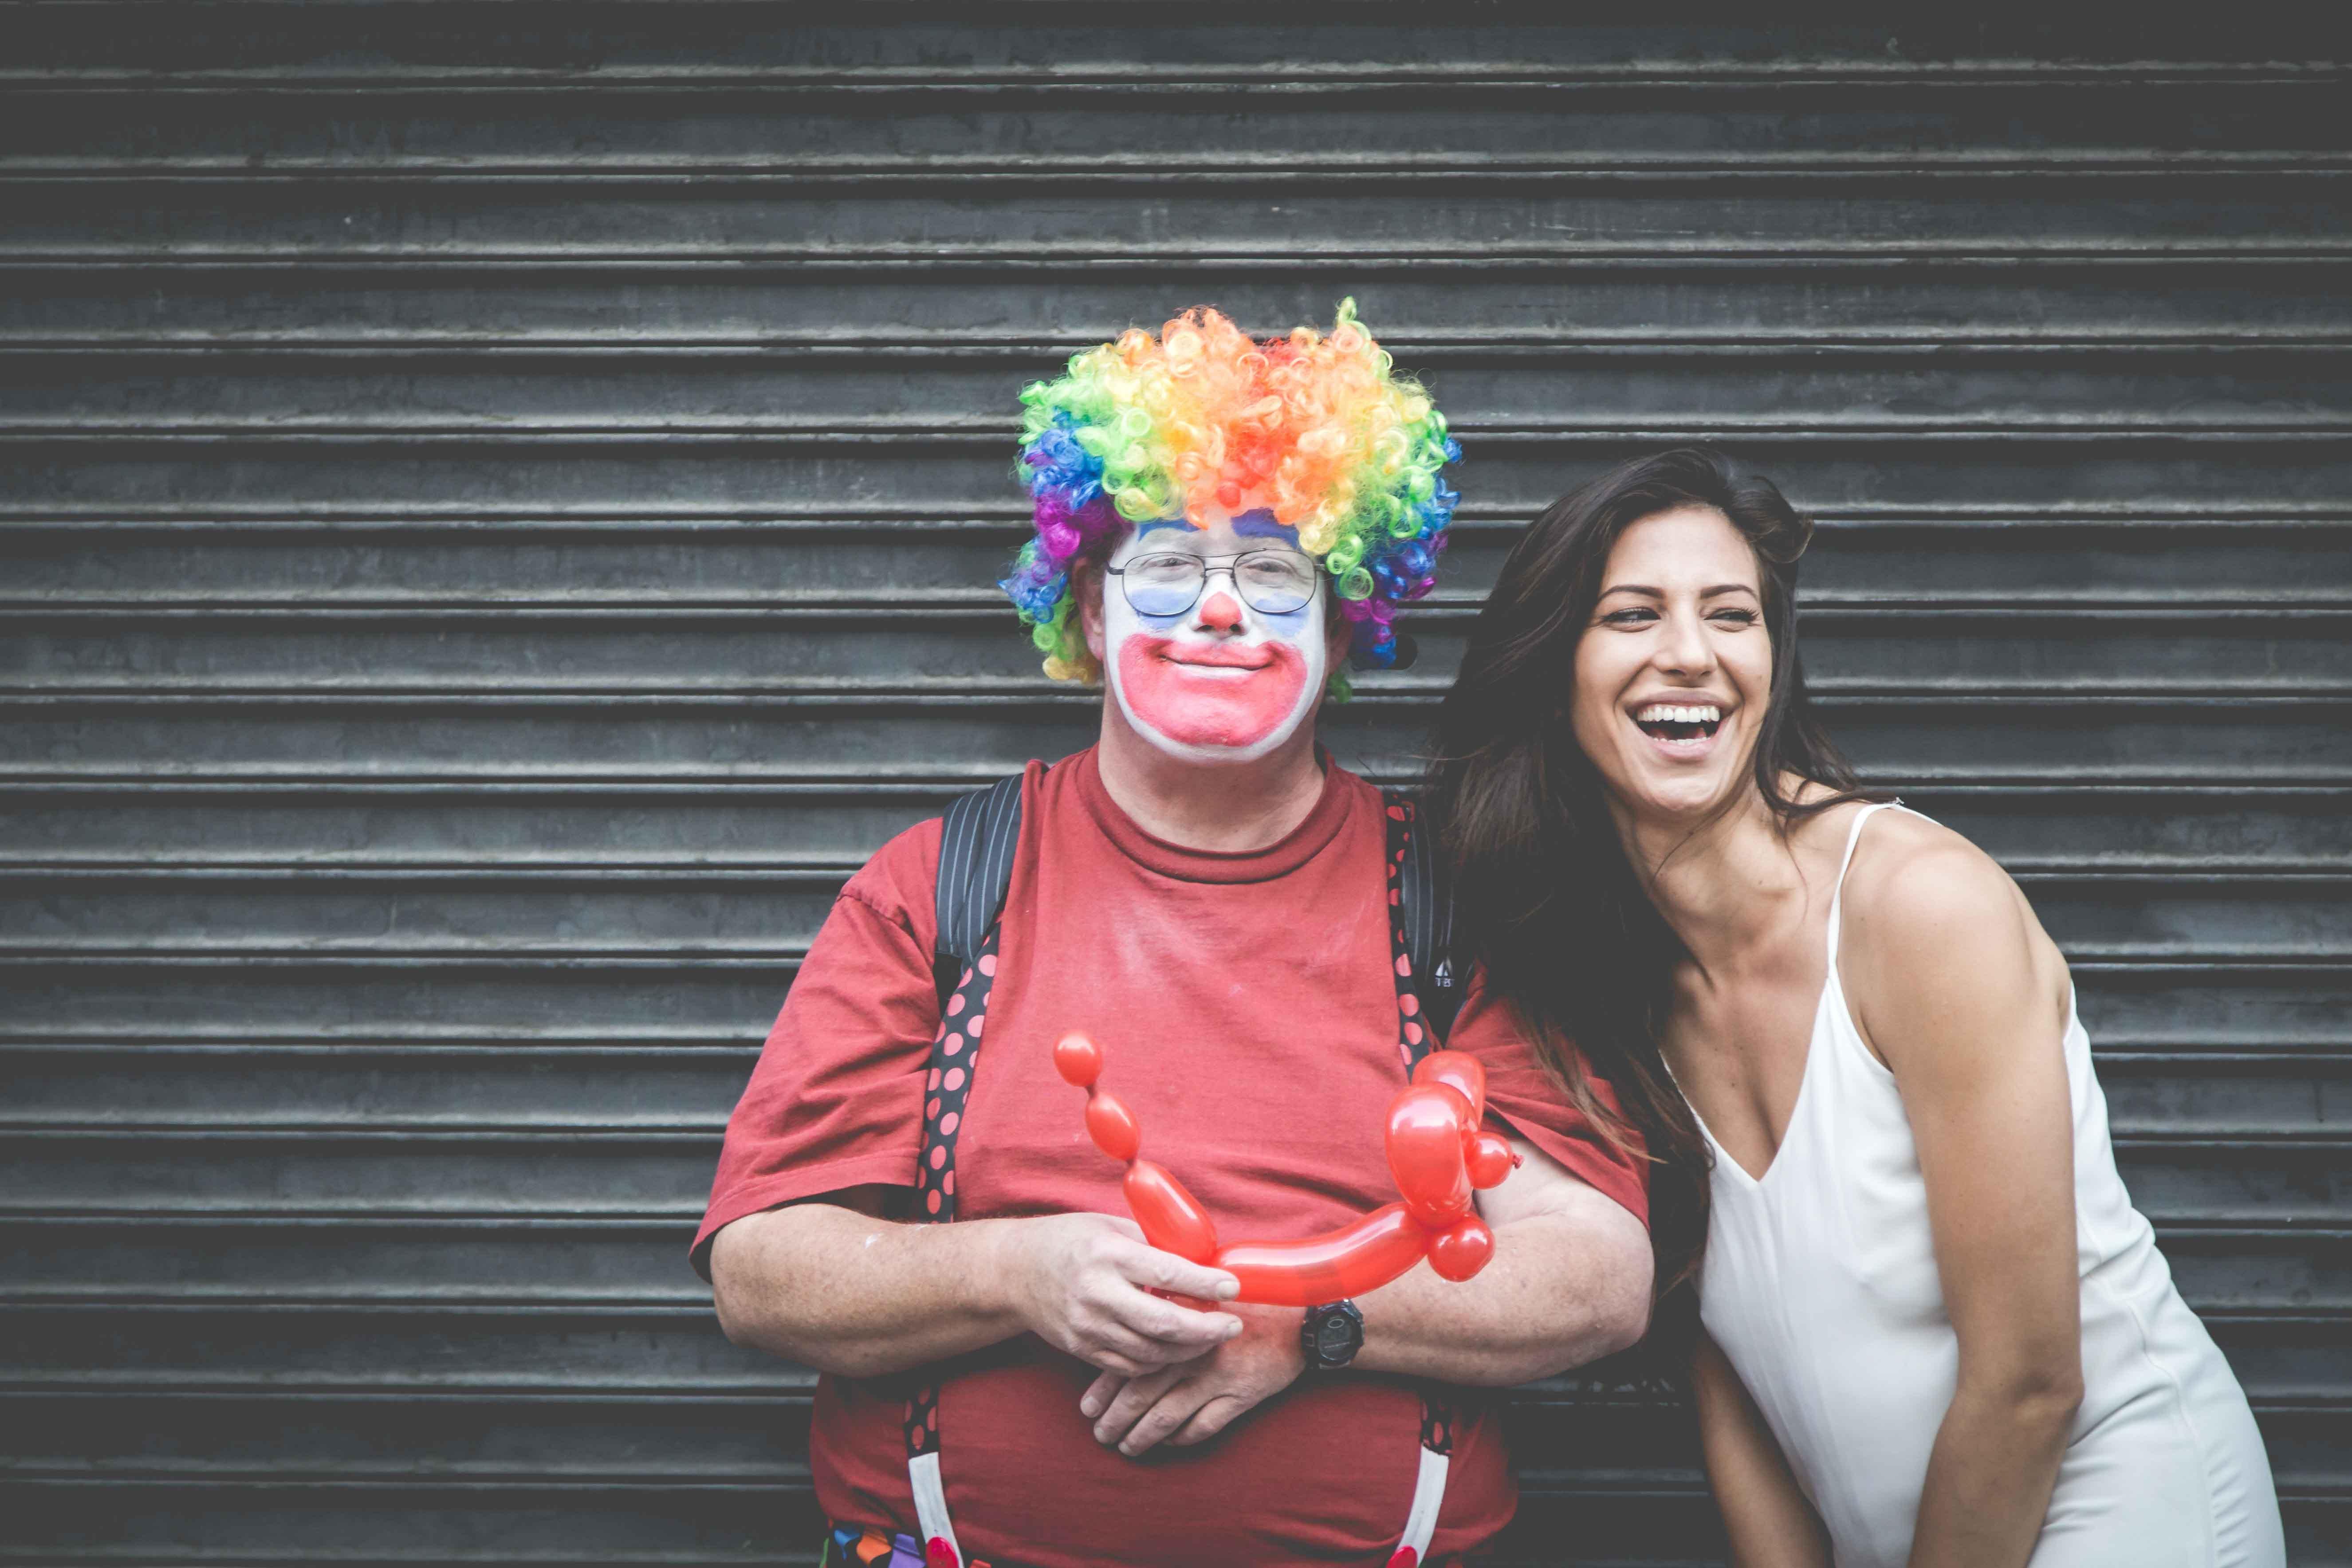 Payaso y chica riéndose